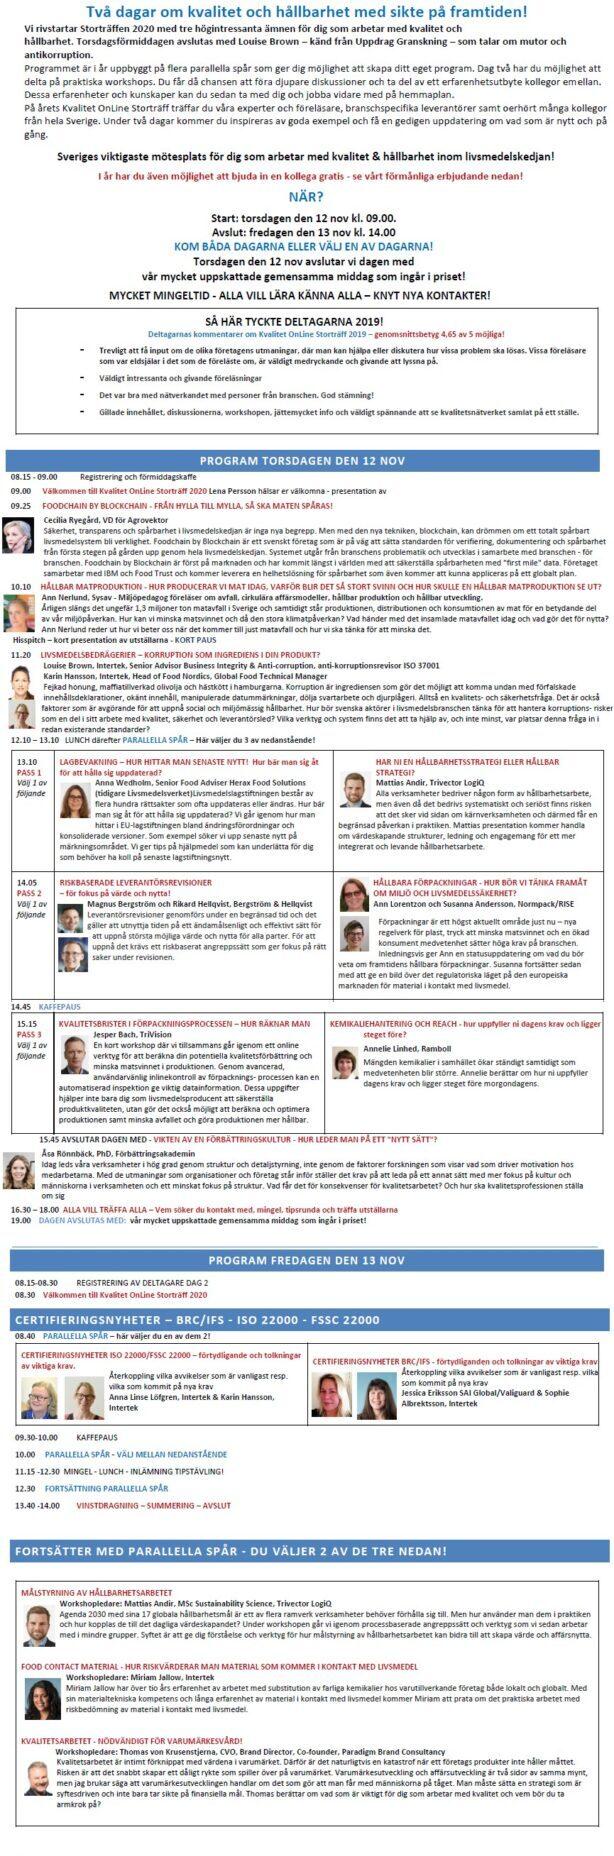 Kvalitet OnLine Storträff 6-7 maj 2021 - 10-årsjubileum! 3